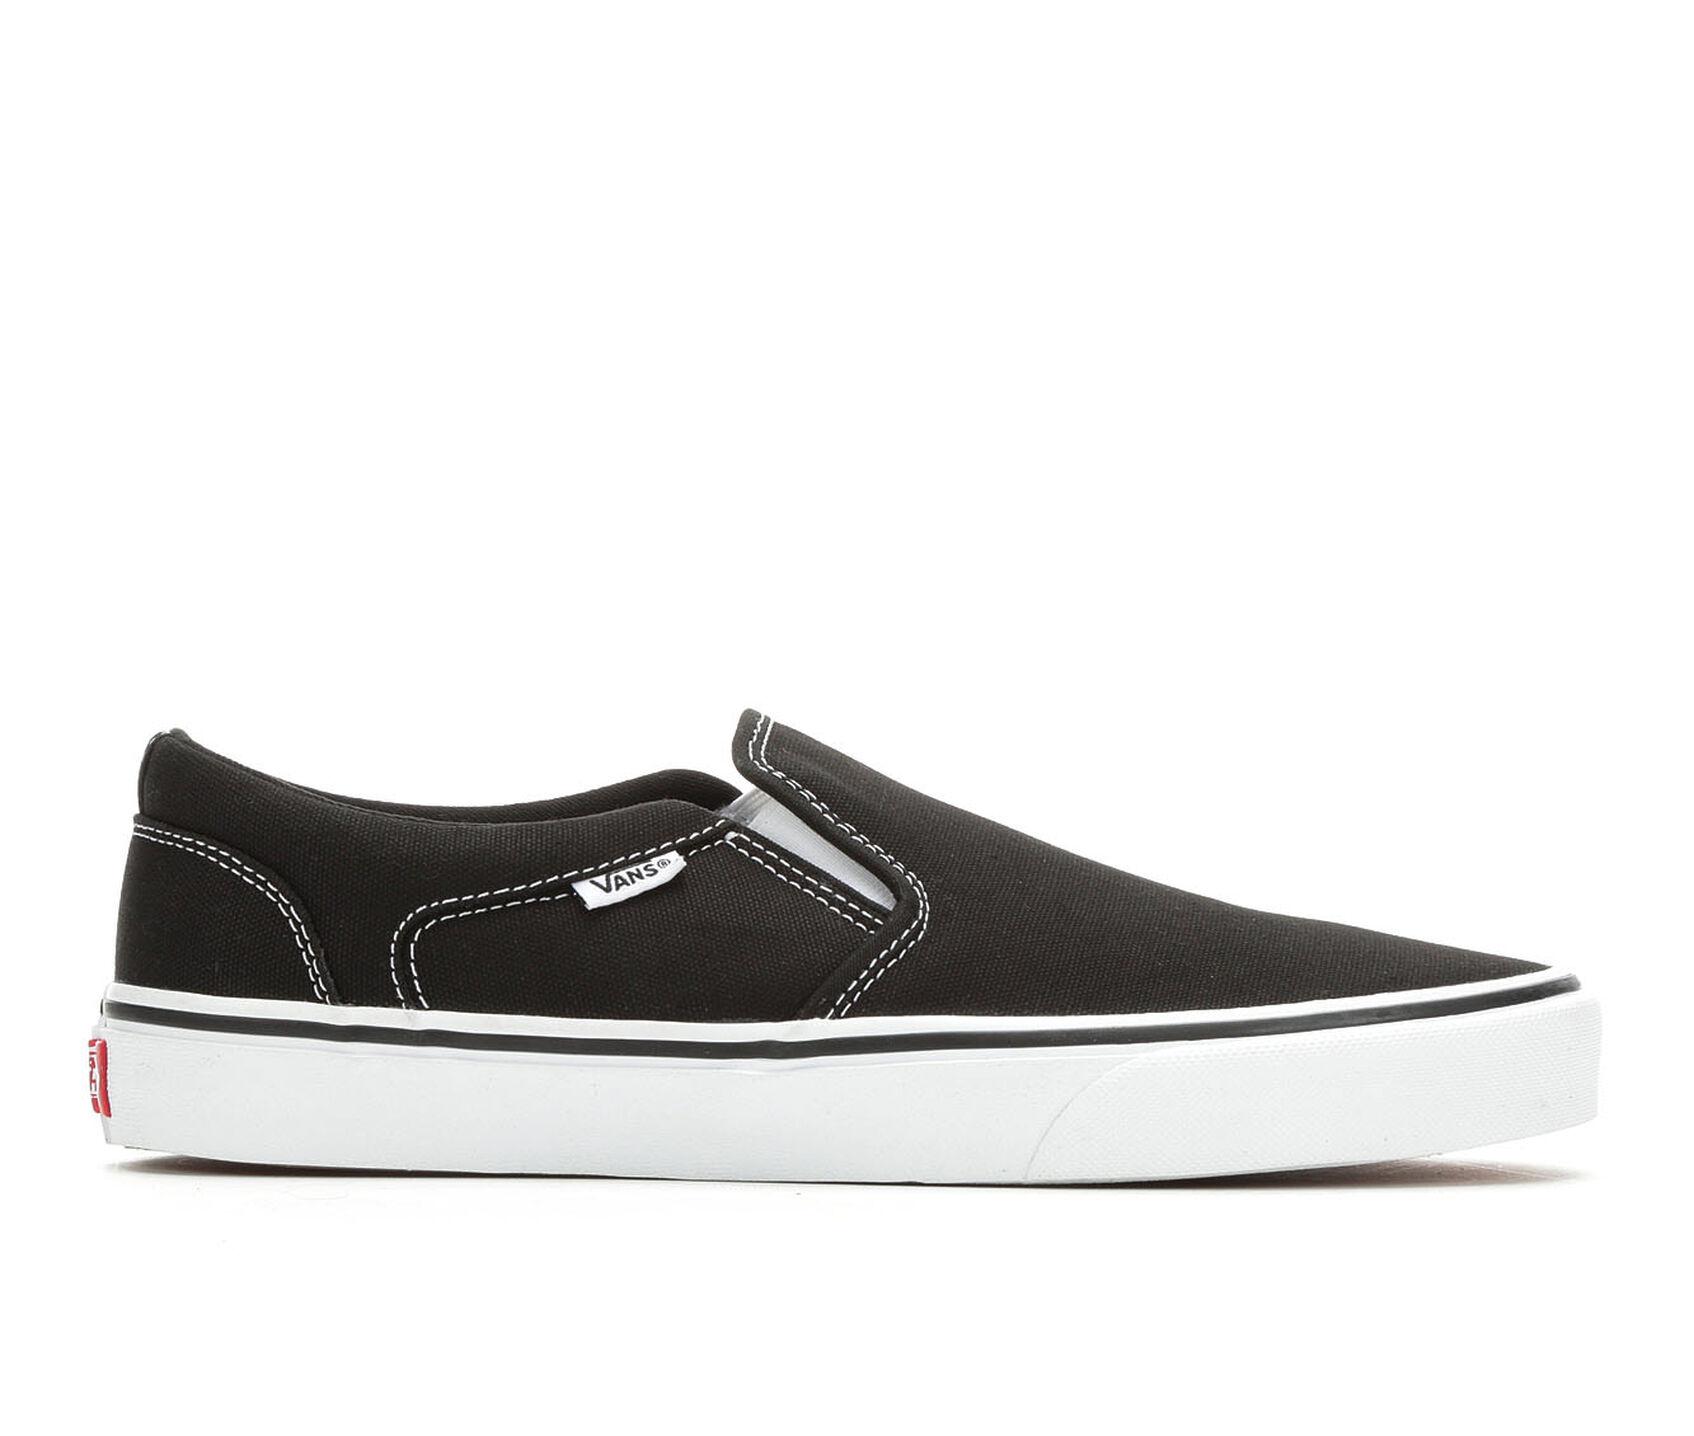 b331d150994f32 Men s Vans Asher Slip-On Skate Shoes